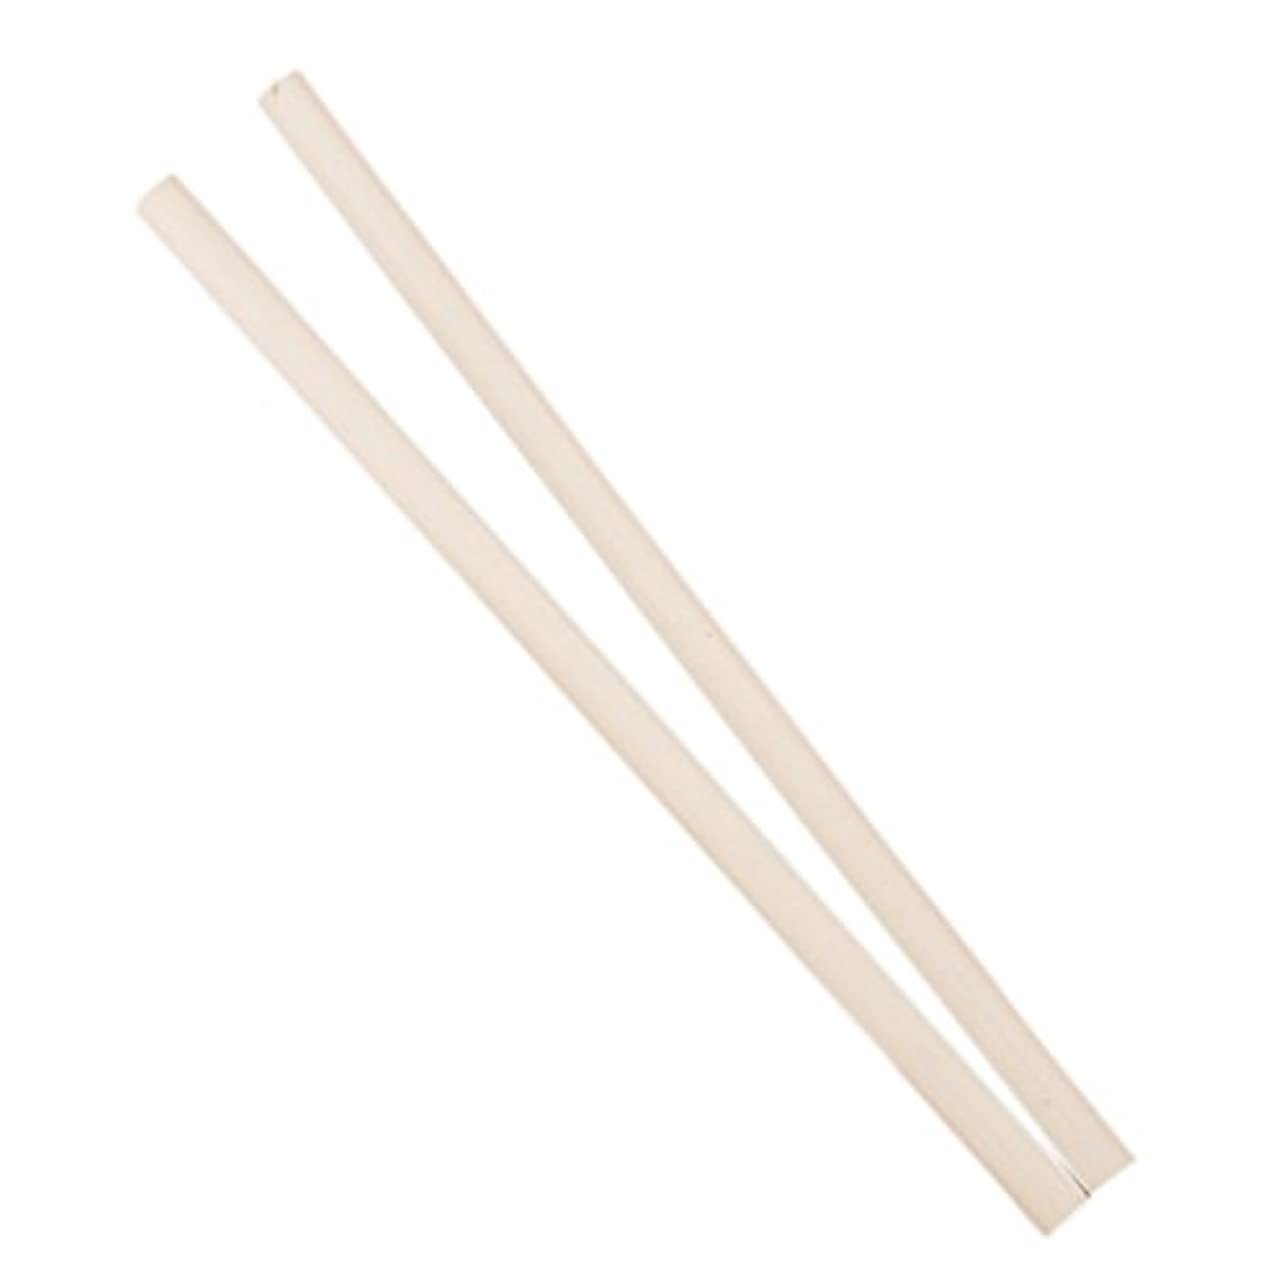 兄ピグマリオン考案するSODIAL(R) 2 xラインストーンピッカー鉛筆ツールネイルアート用/ボーナス製作用